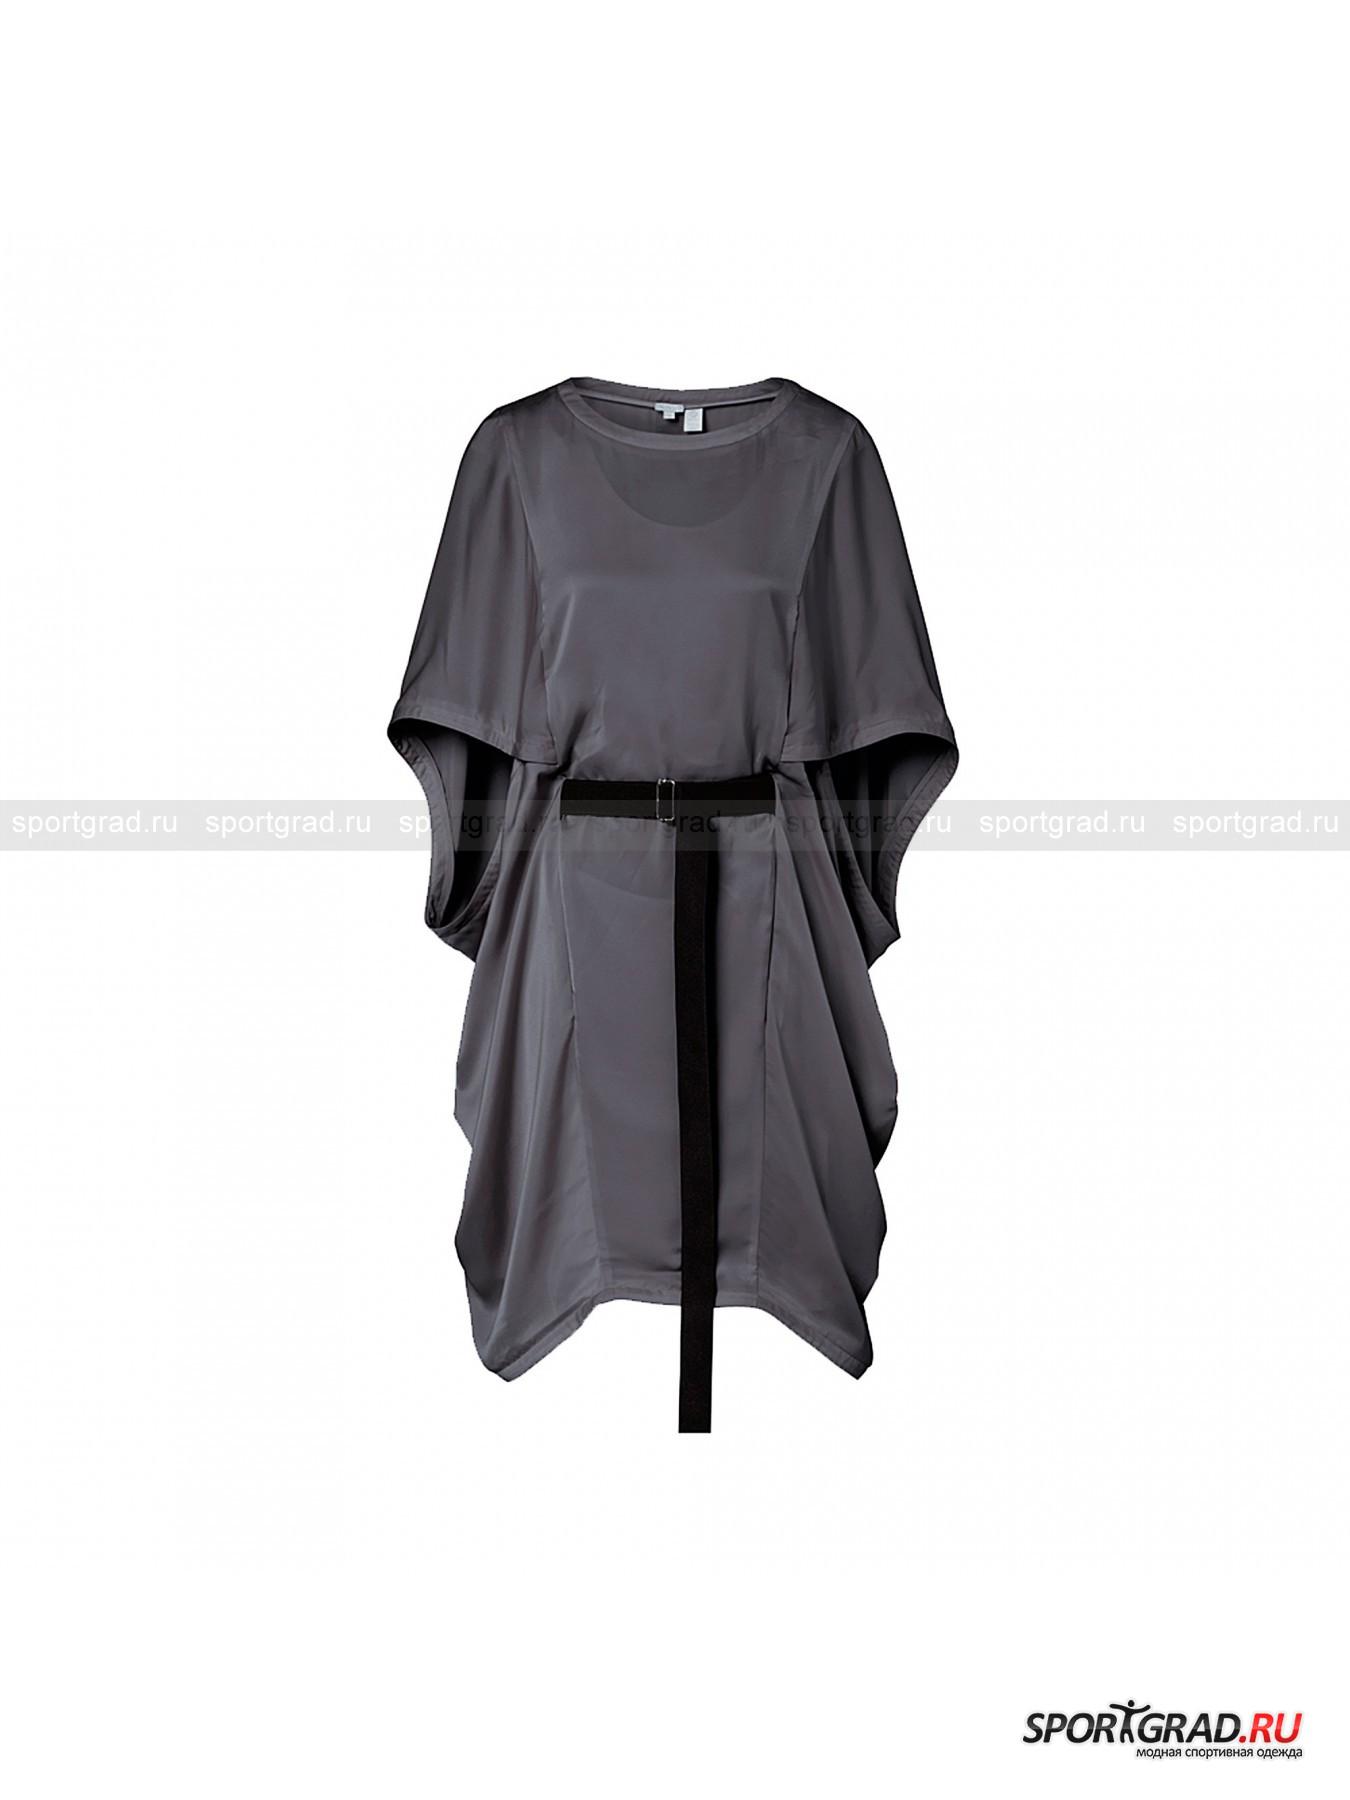 Платье женское Kastan dress SLVR ADIDAS от Спортград